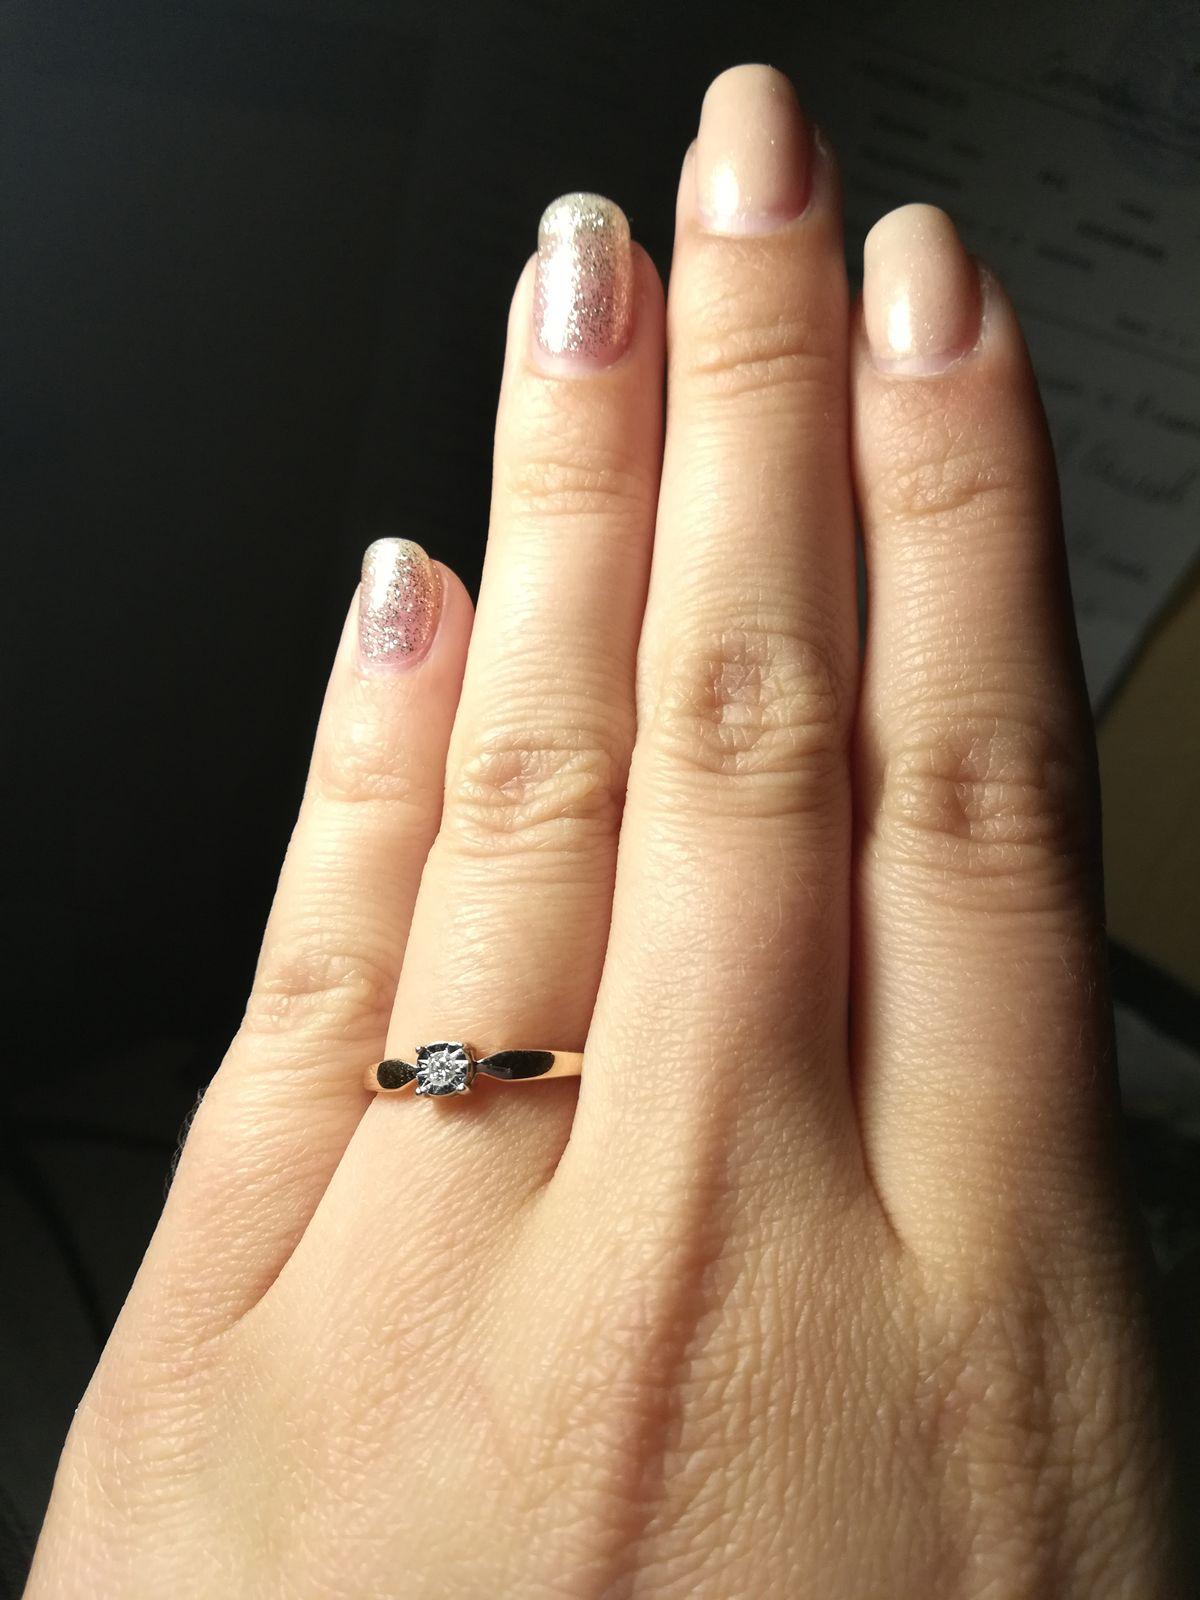 Кольцо просто шикарное!